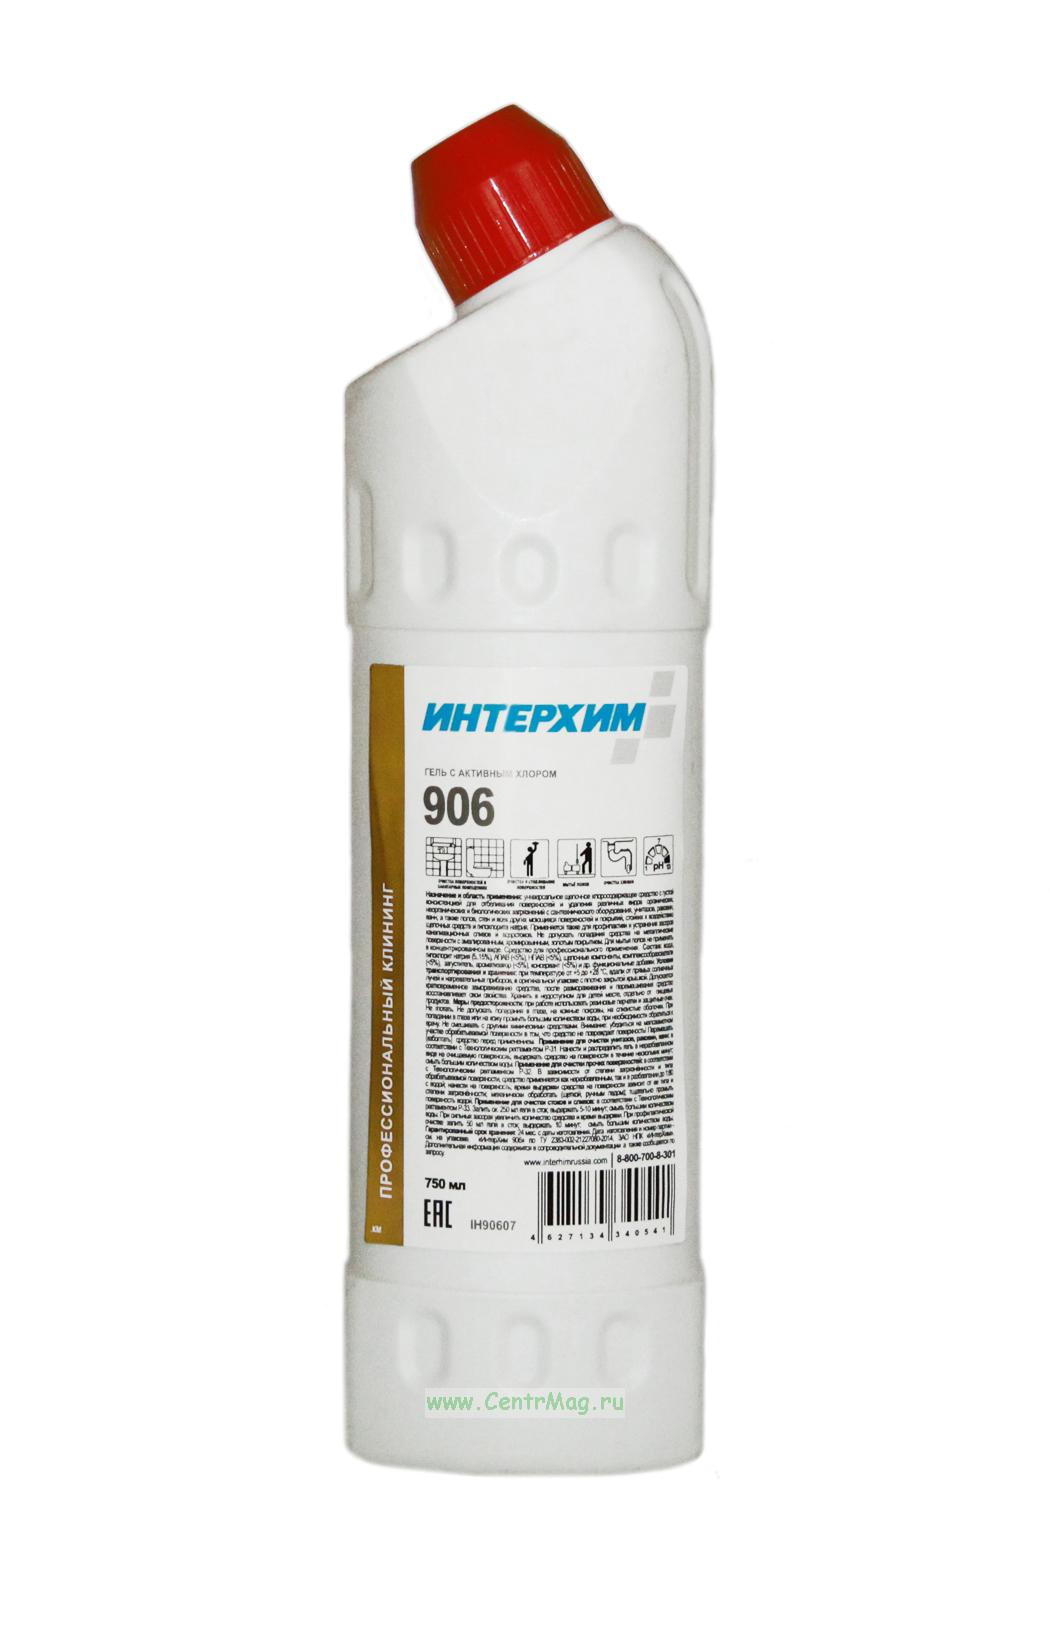 Интерхим 906. Универсальный чистящий гель с активным хлором